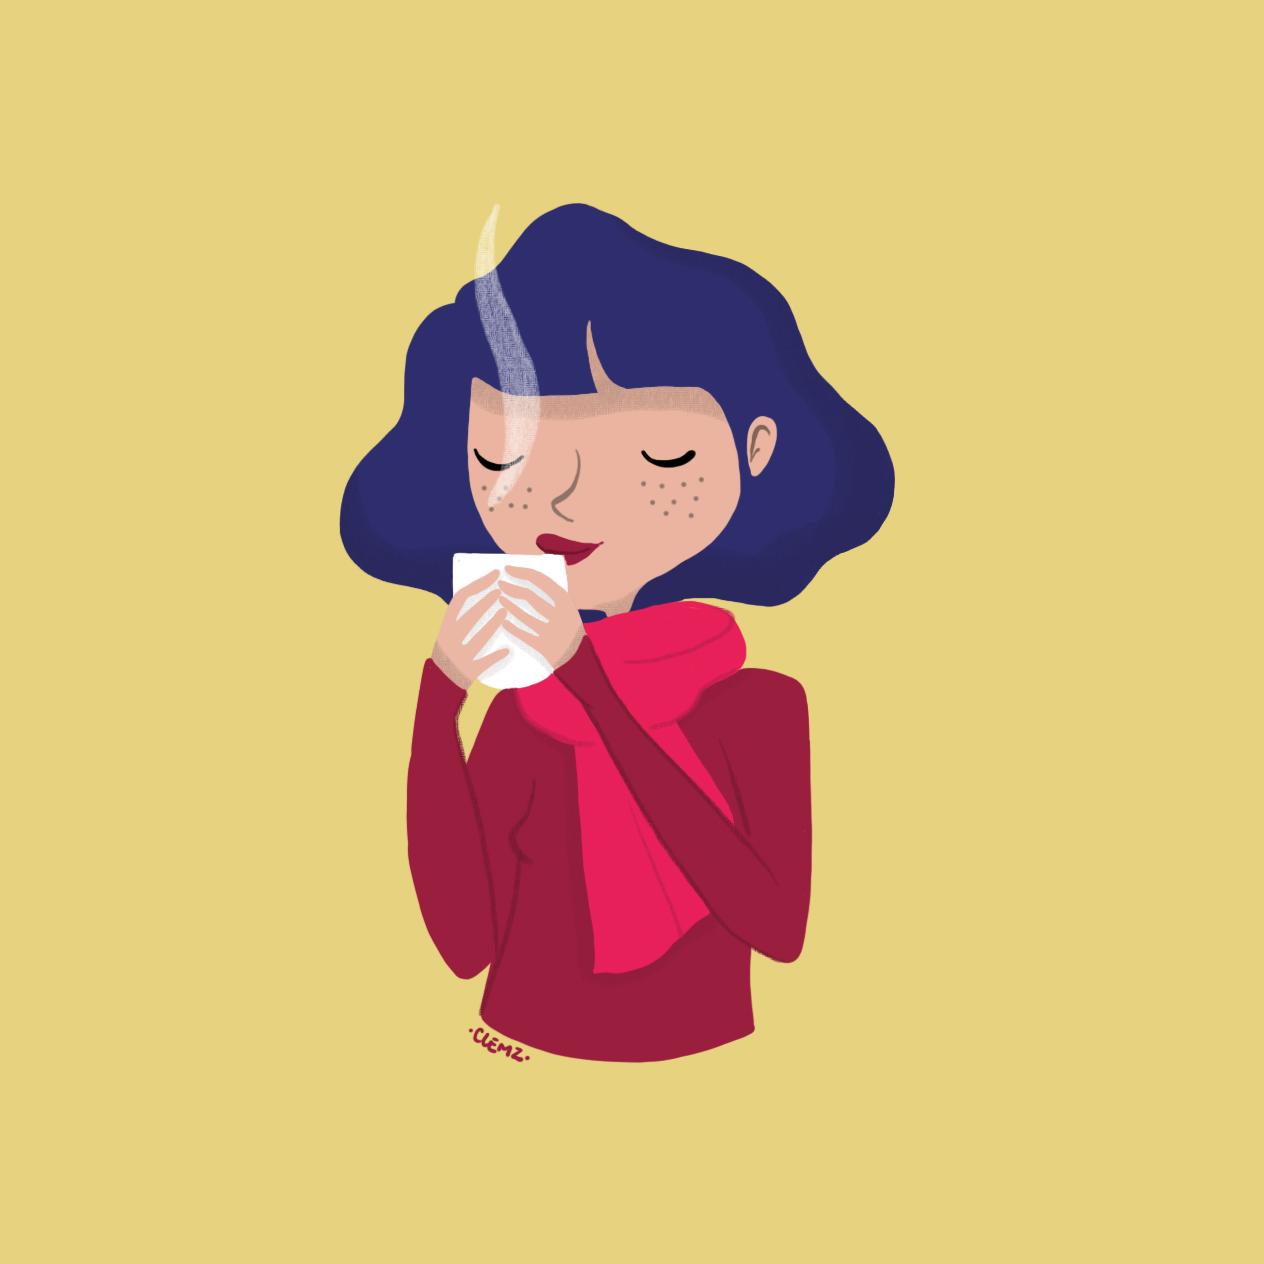 illustration fille café - lyon - paris - france